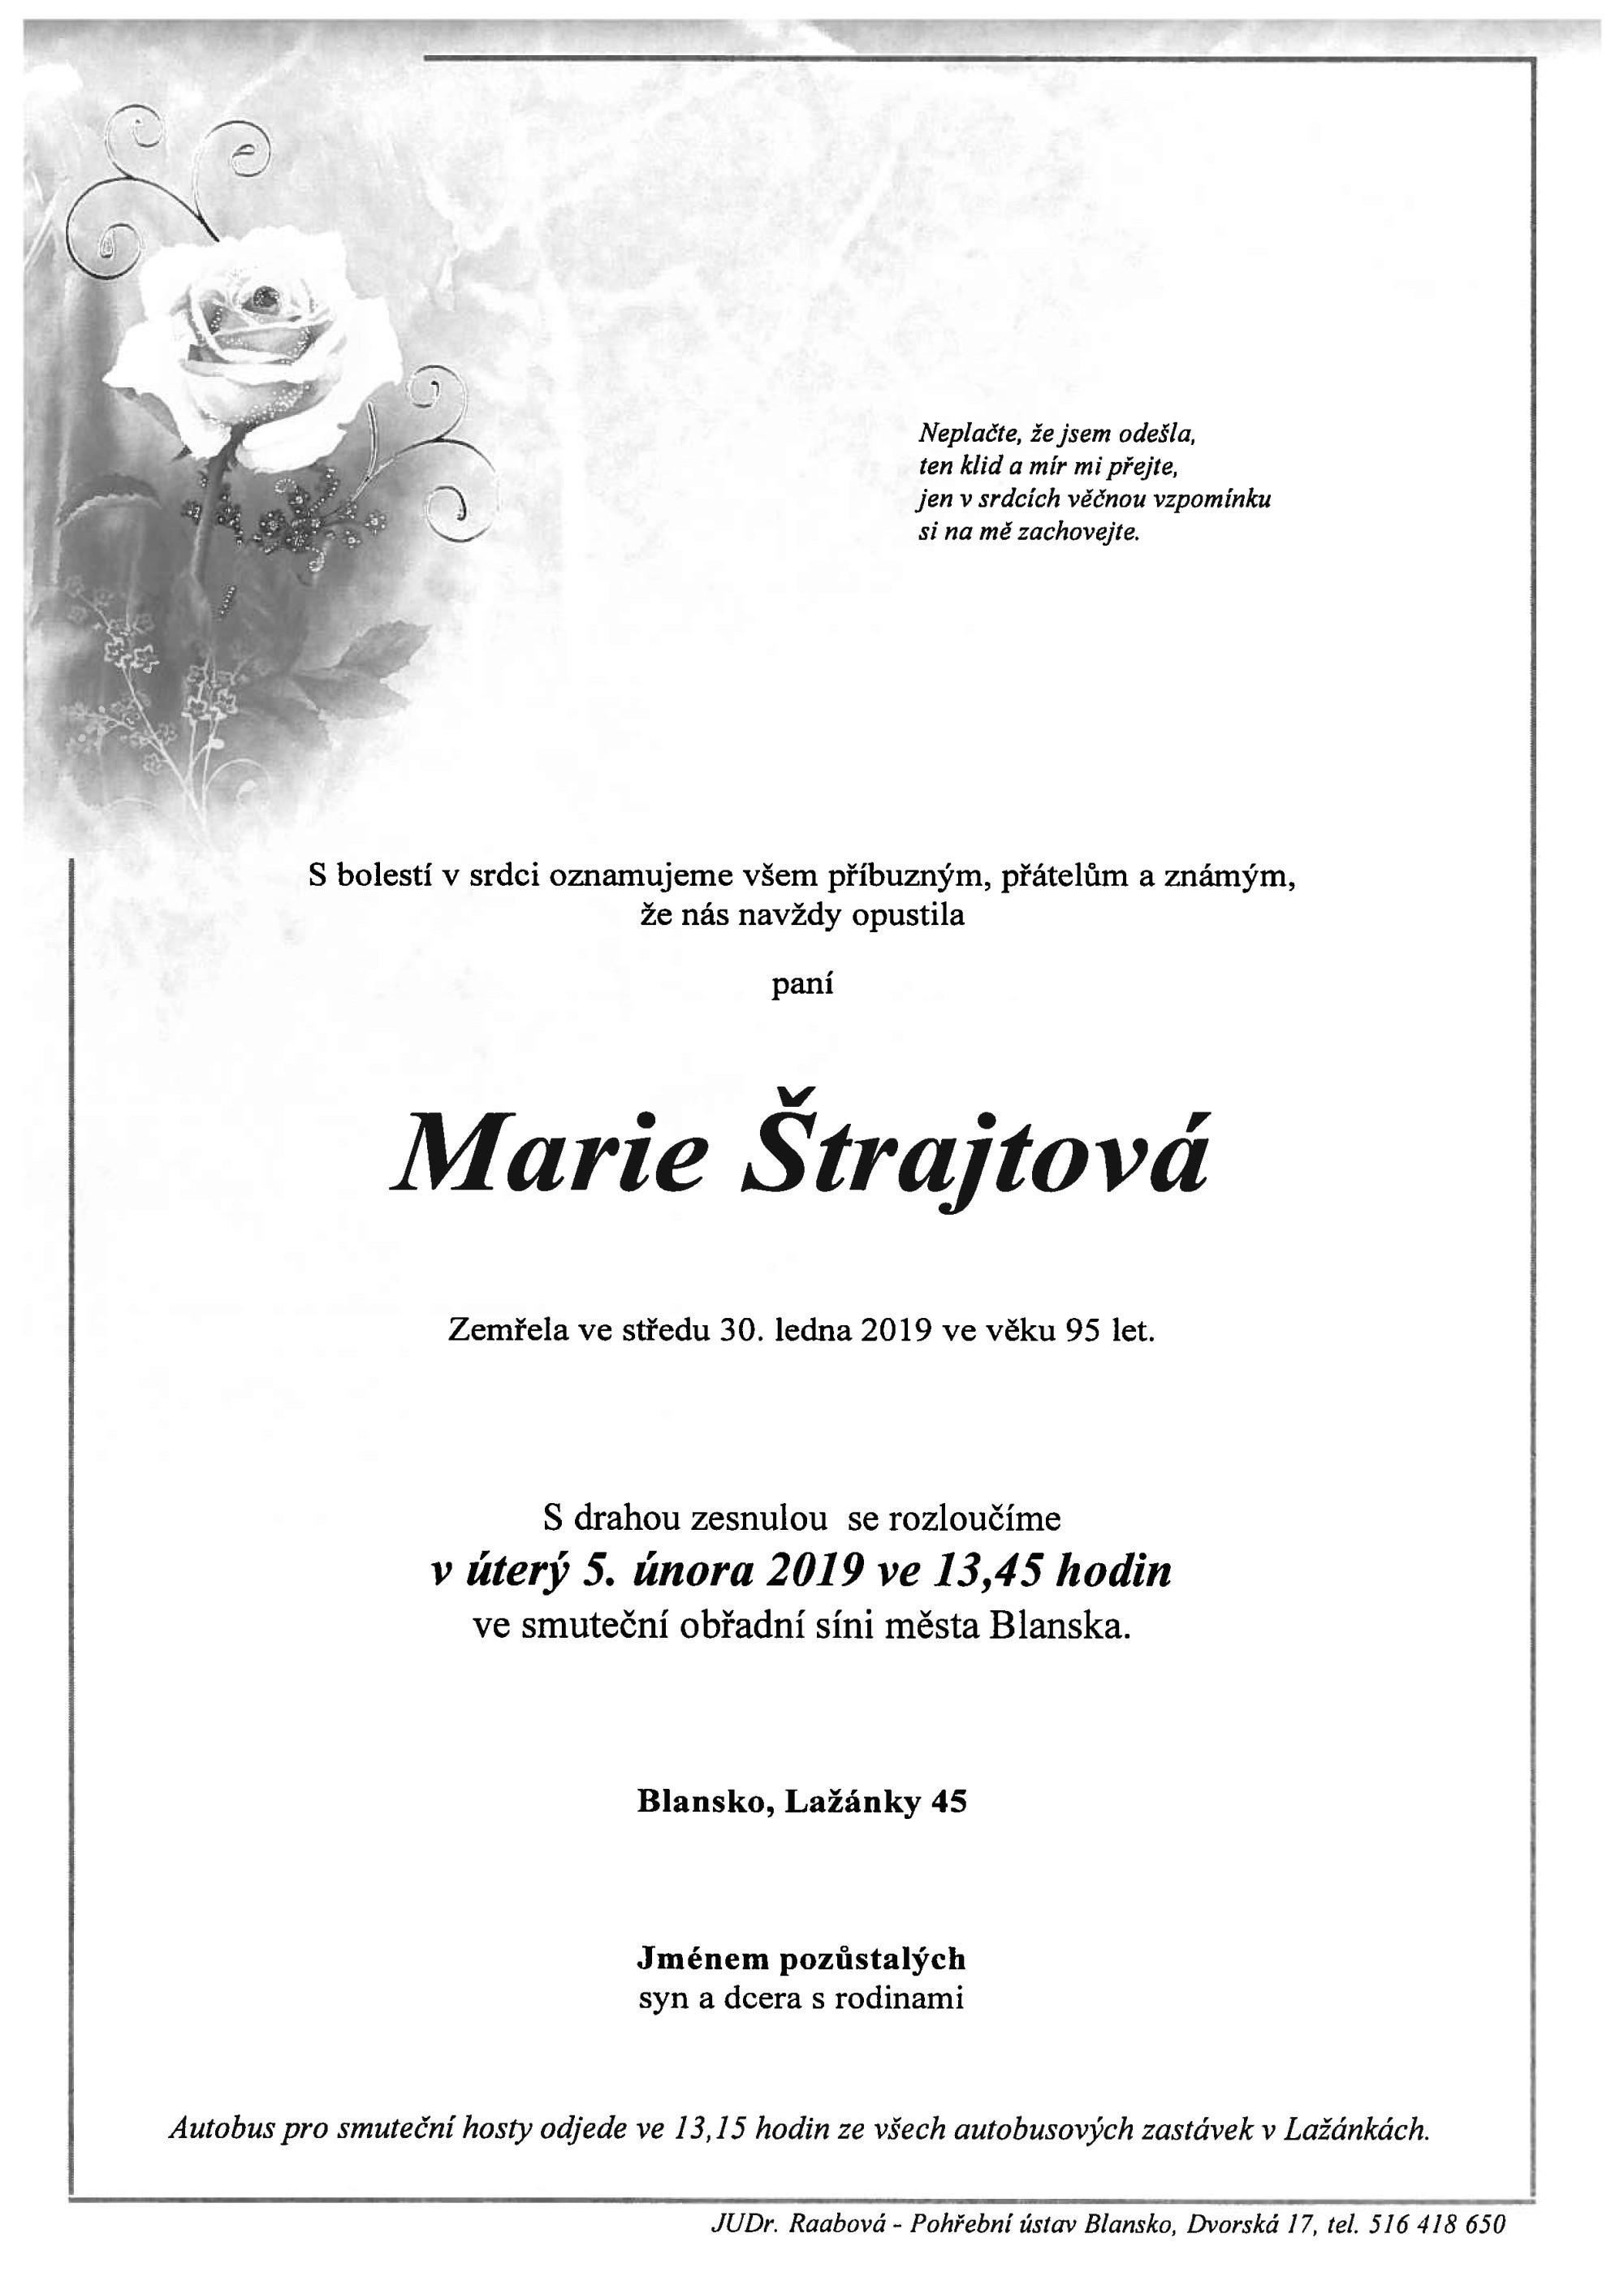 Marie Štrajtová